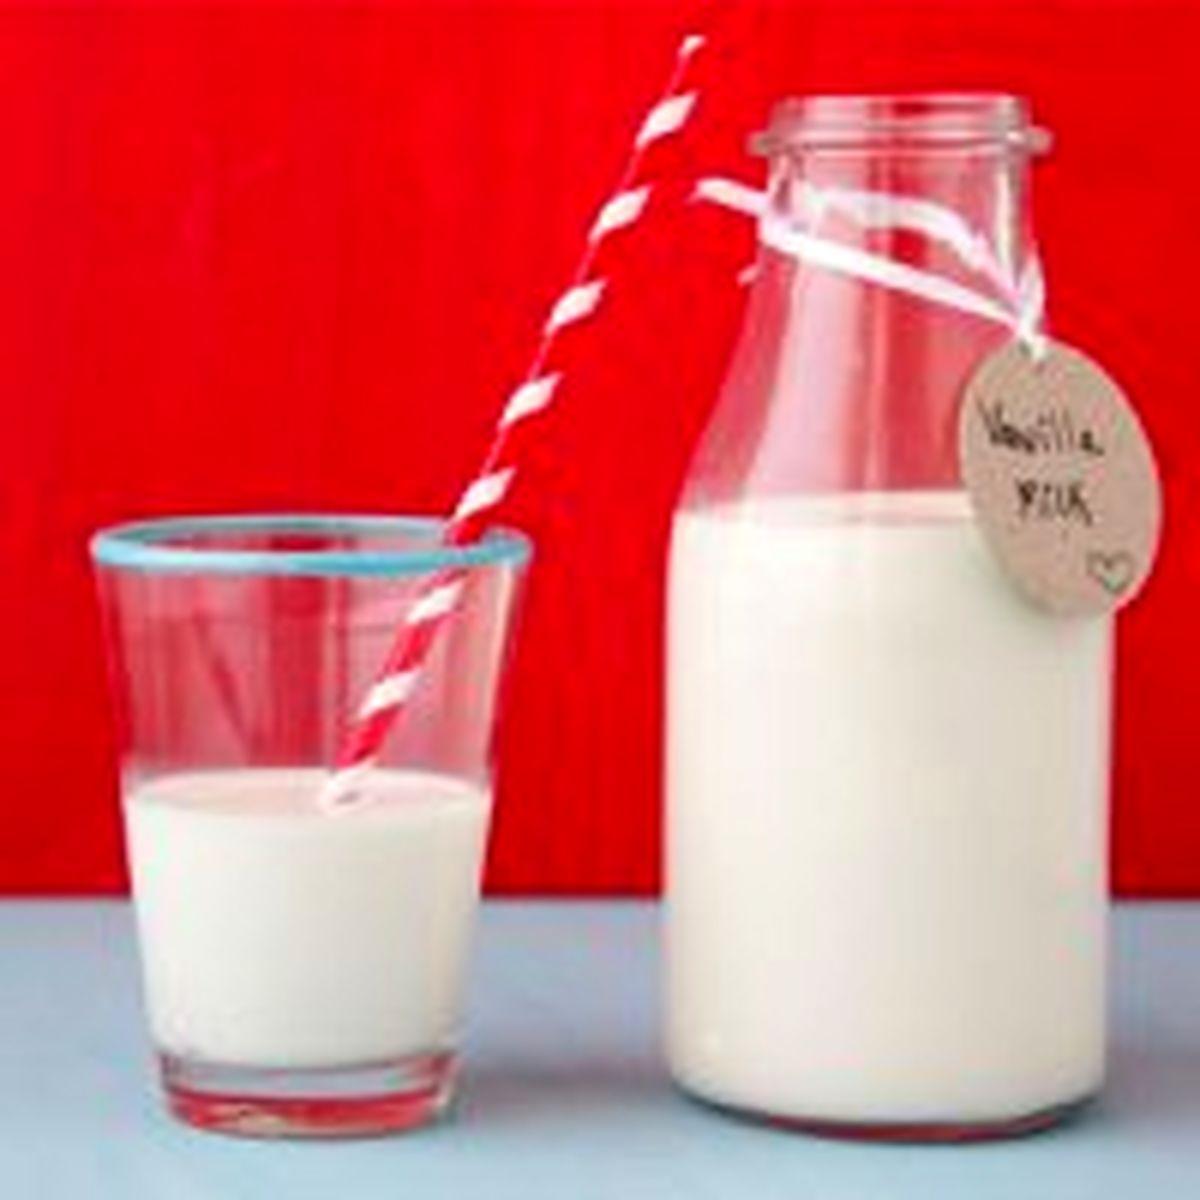 بهترین زمان برای نوشیدن شیر چه زمانی است ؟